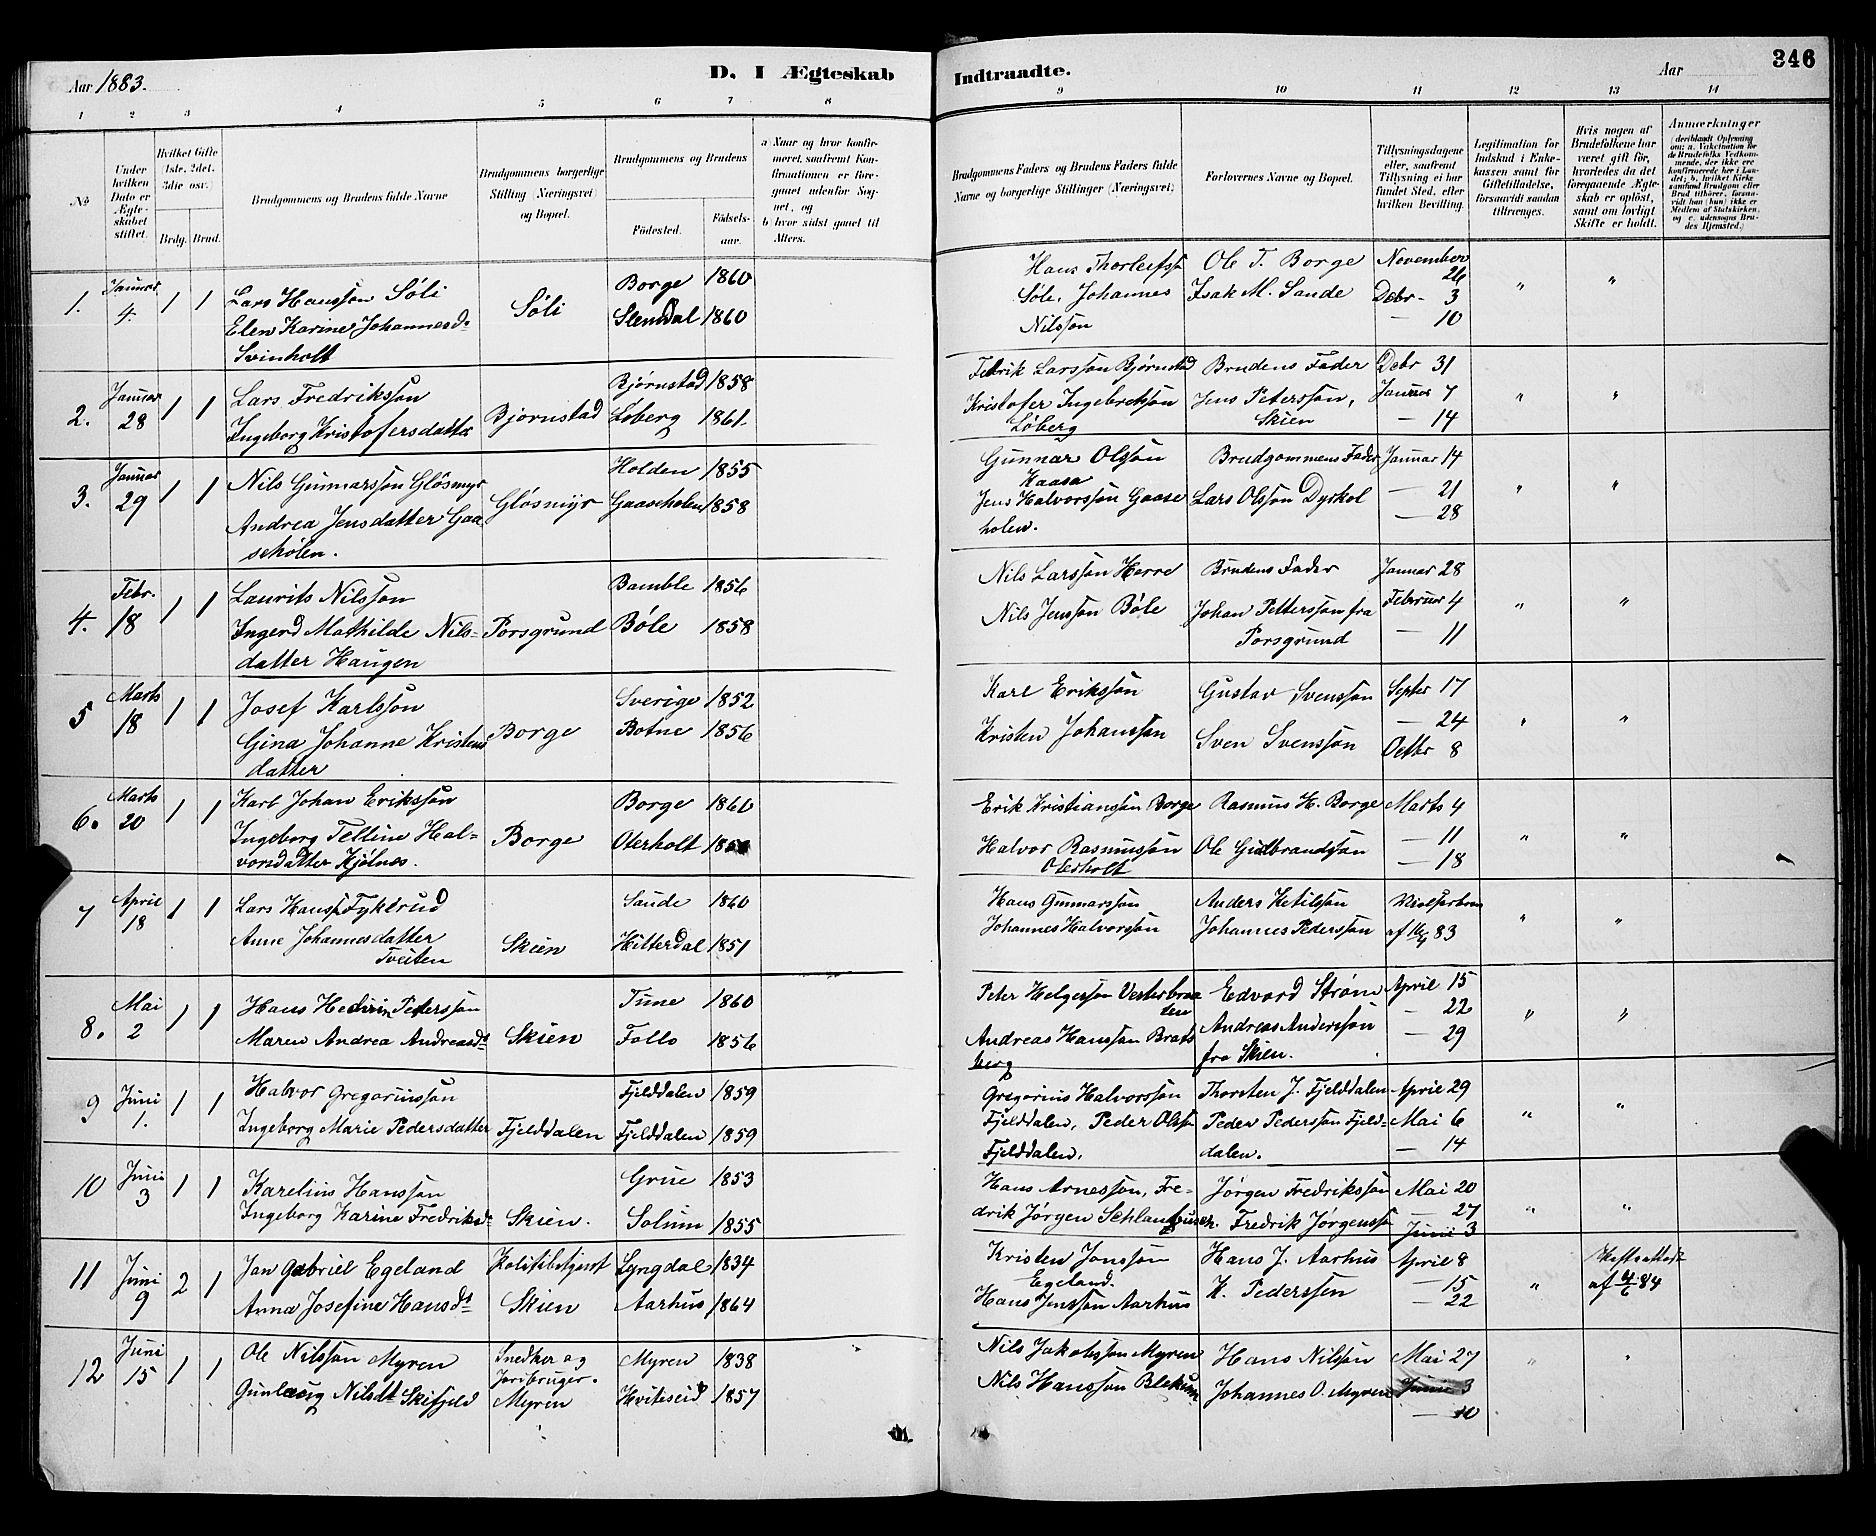 SAKO, Gjerpen kirkebøker, G/Ga/L0002: Klokkerbok nr. I 2, 1883-1900, s. 346